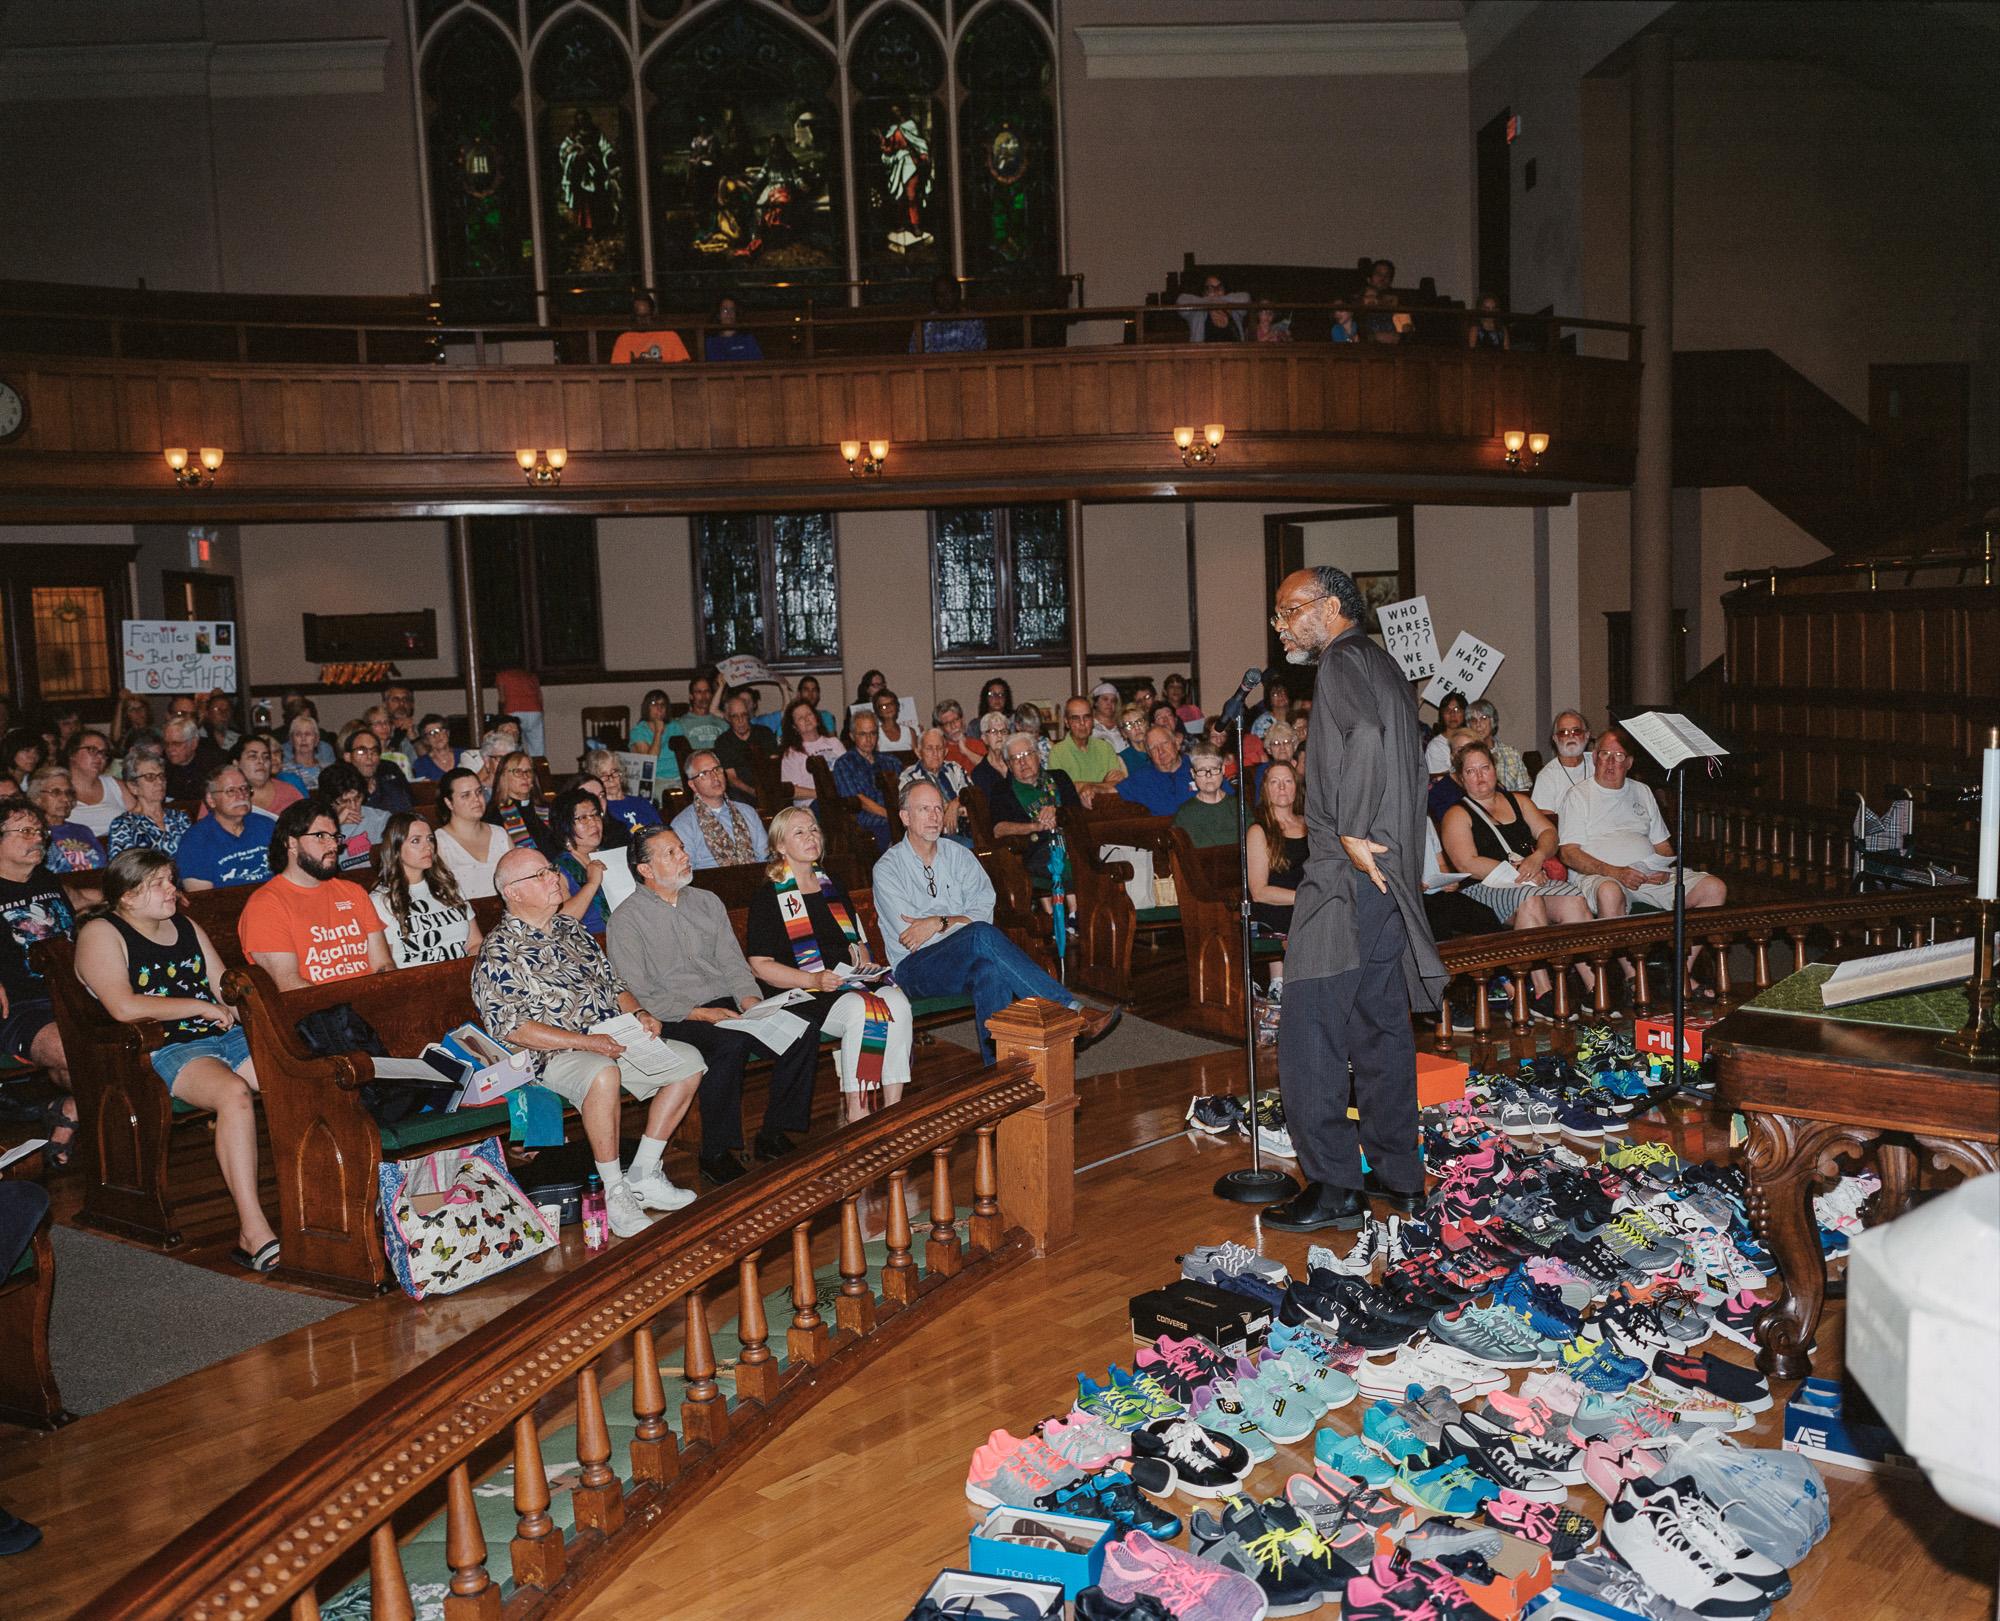 Объединенная методистская церковь, собрание, посвященное важности института семьи, Сент-Джозеф, штат Миссури.